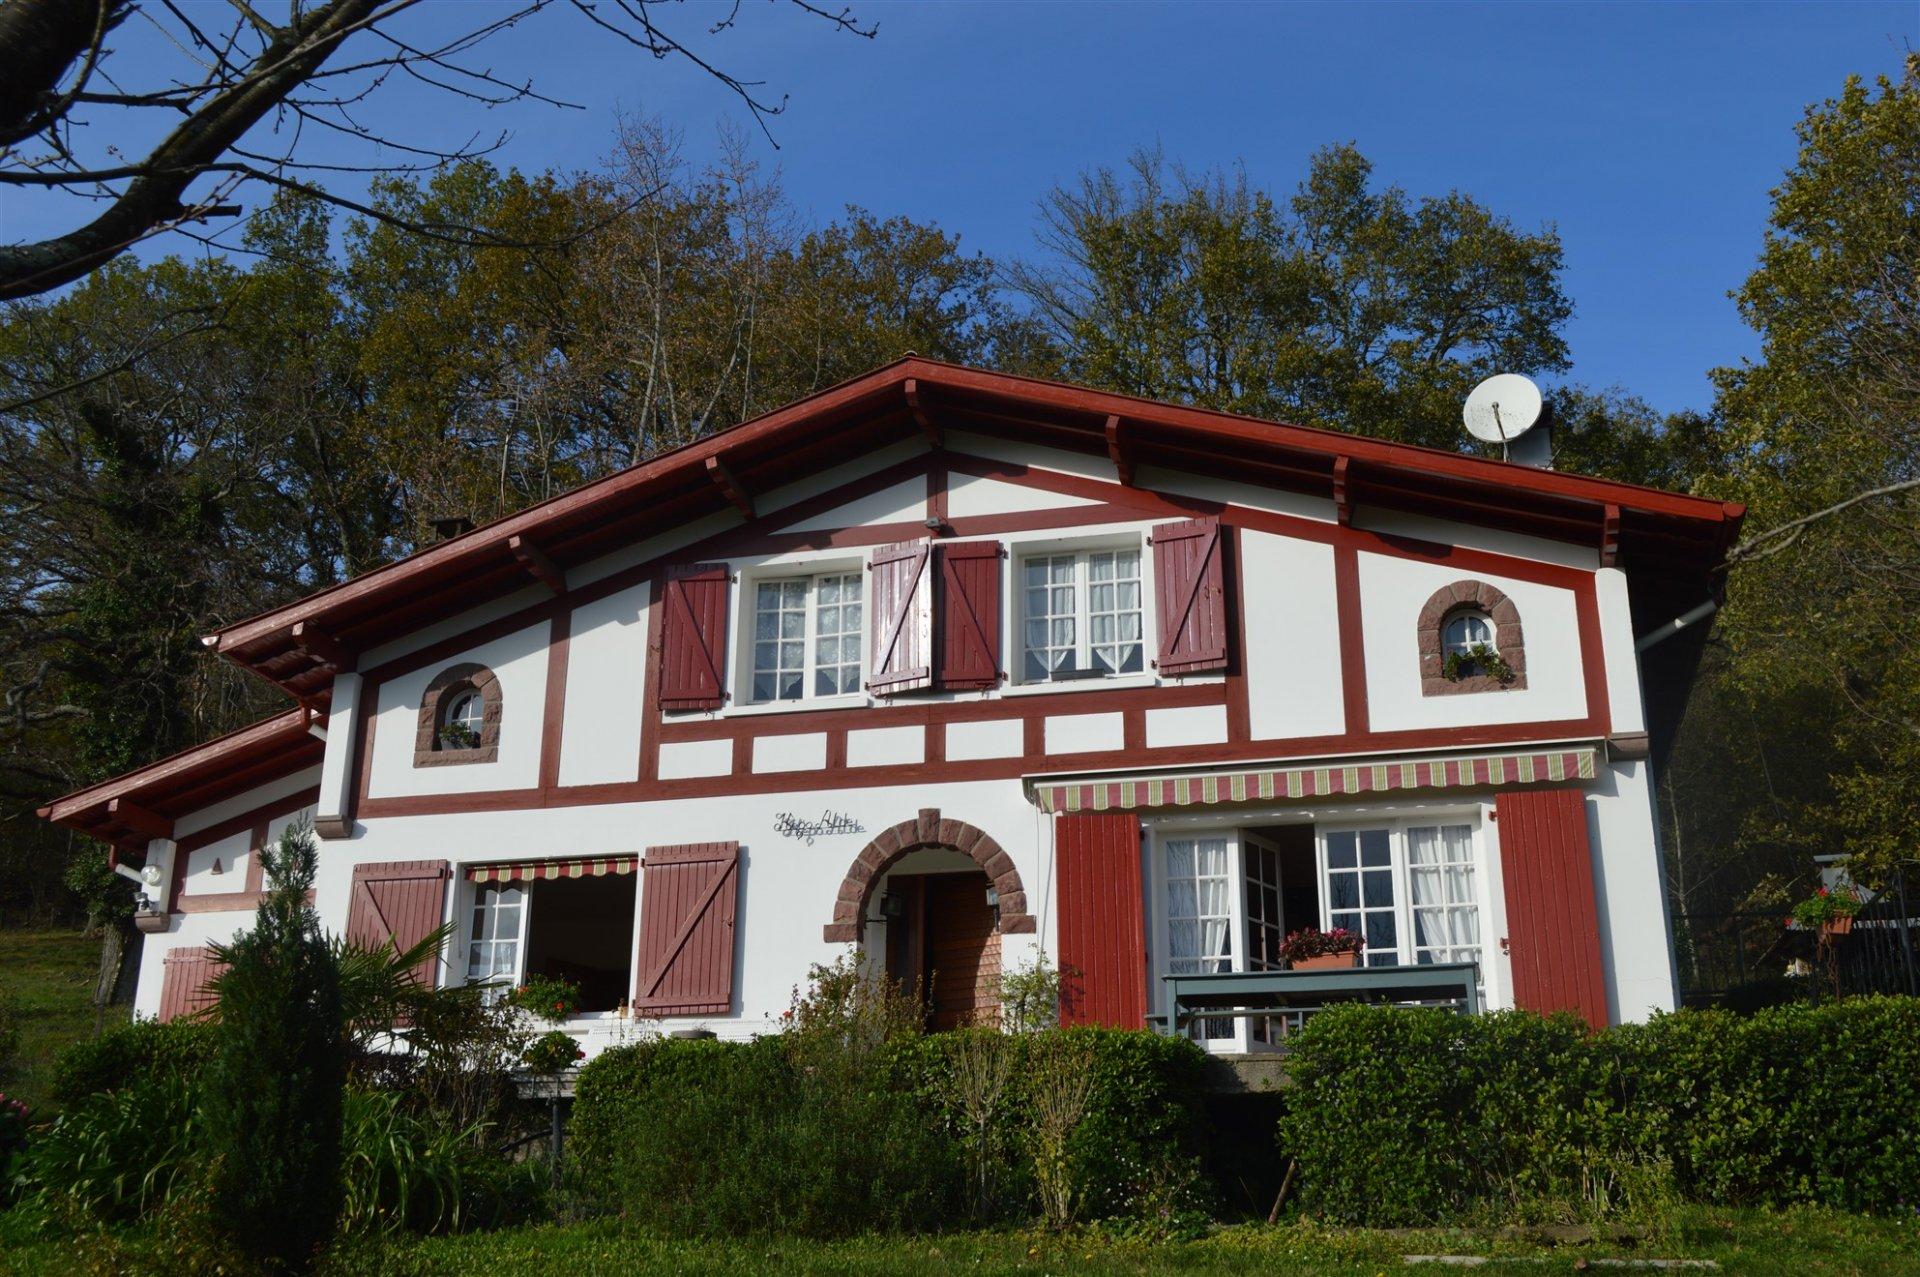 Maison Basque Traditionnelle avec 5 Chambres près de Saint Jean-Pied-de-Port